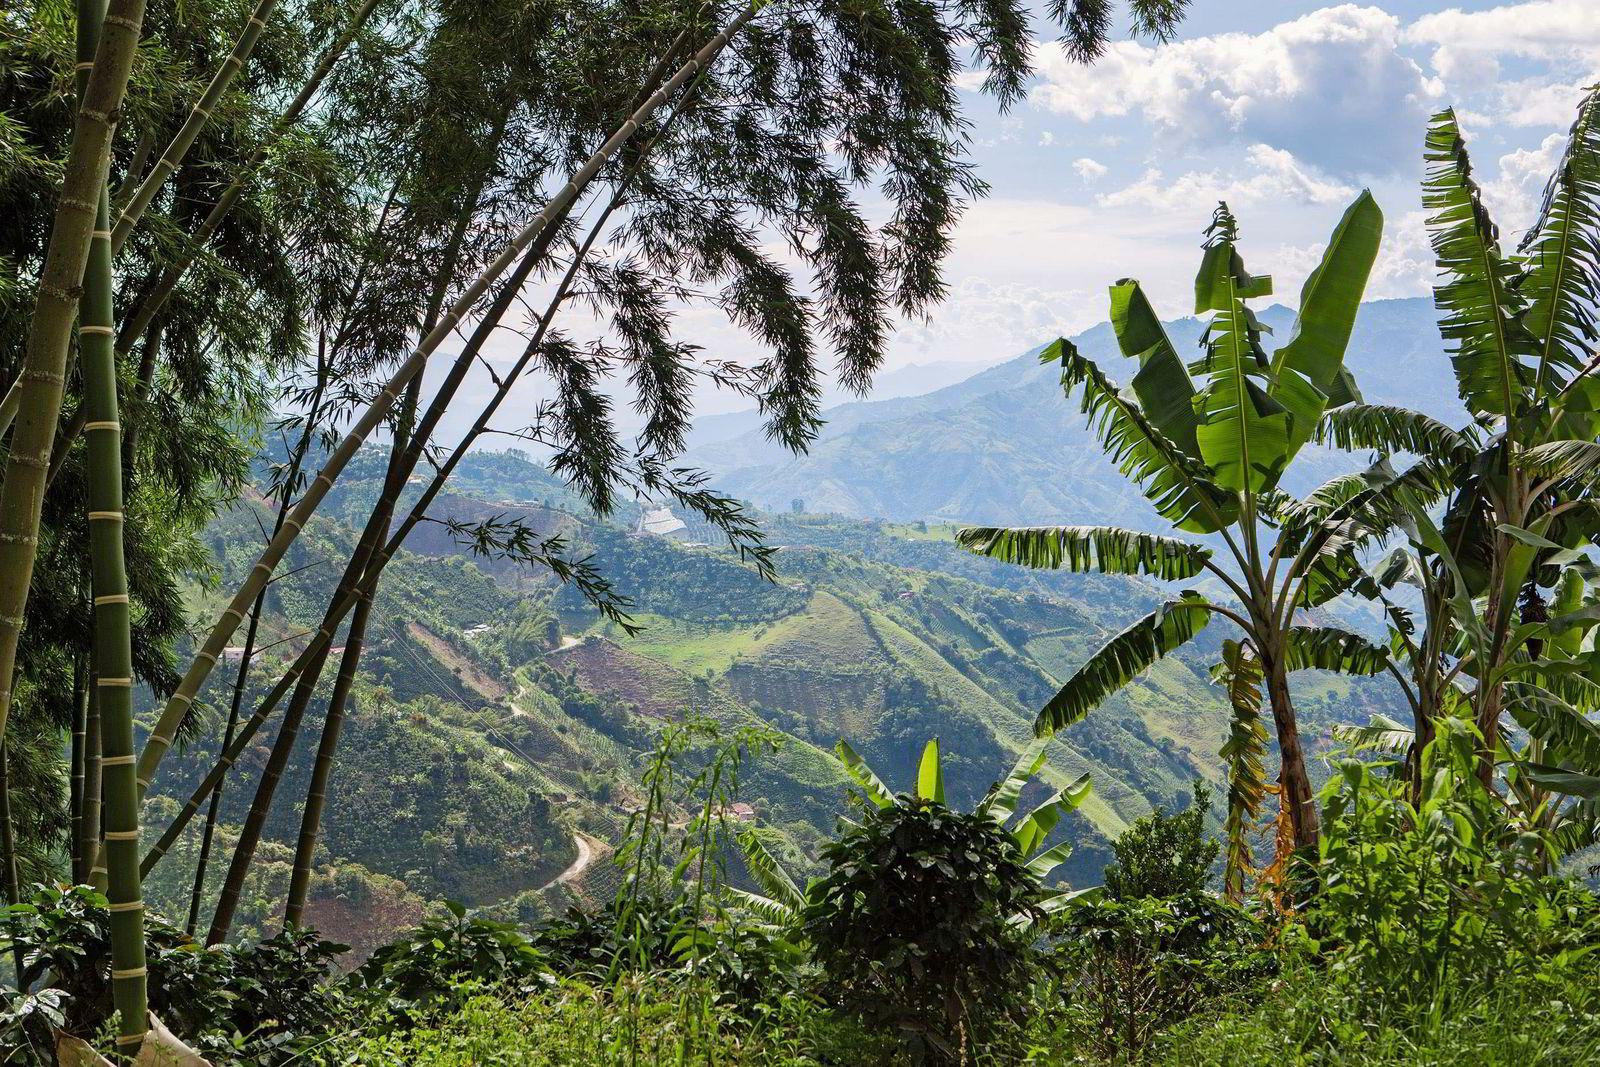 Som en del av Nespresso AAA Sustainable Quality™»-programmet ble det derfor i 2010 åpnet en kaffemølle utenfor Jardín i Colombia, som forvaltes av det lokale Andes-samarbeidet. Foto: